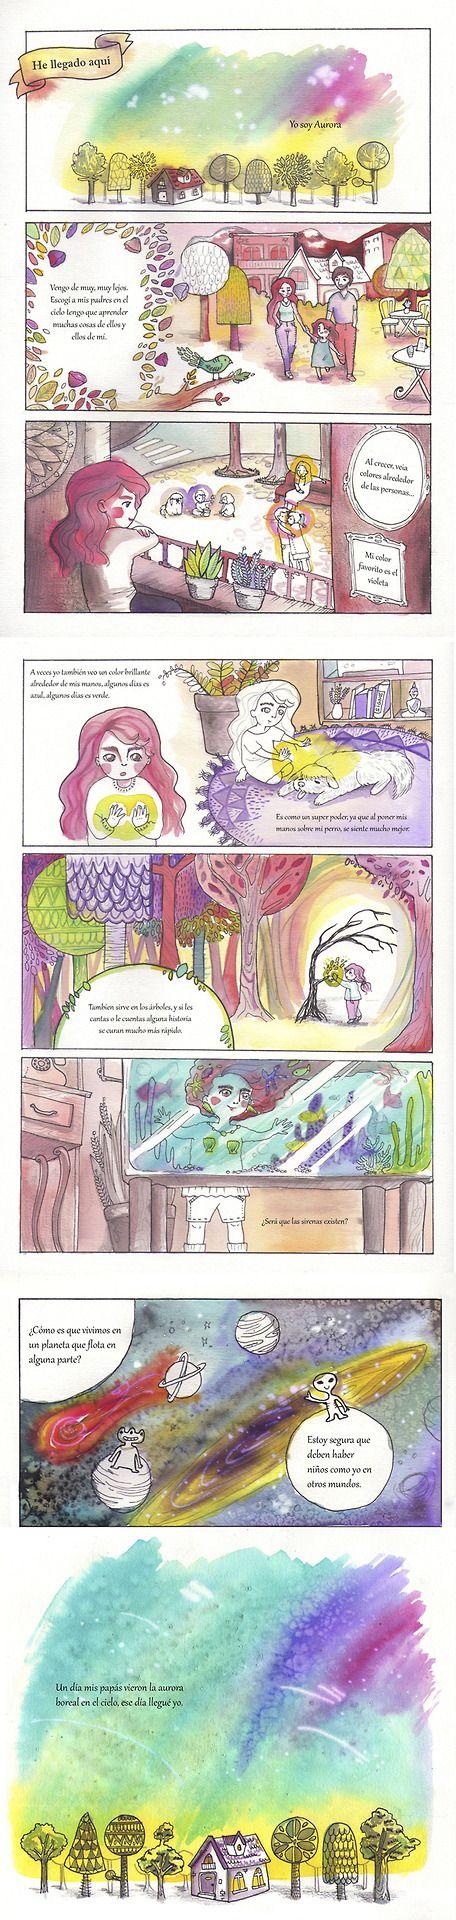 Comic realizado en tintas y láìz. Macarena Vogel